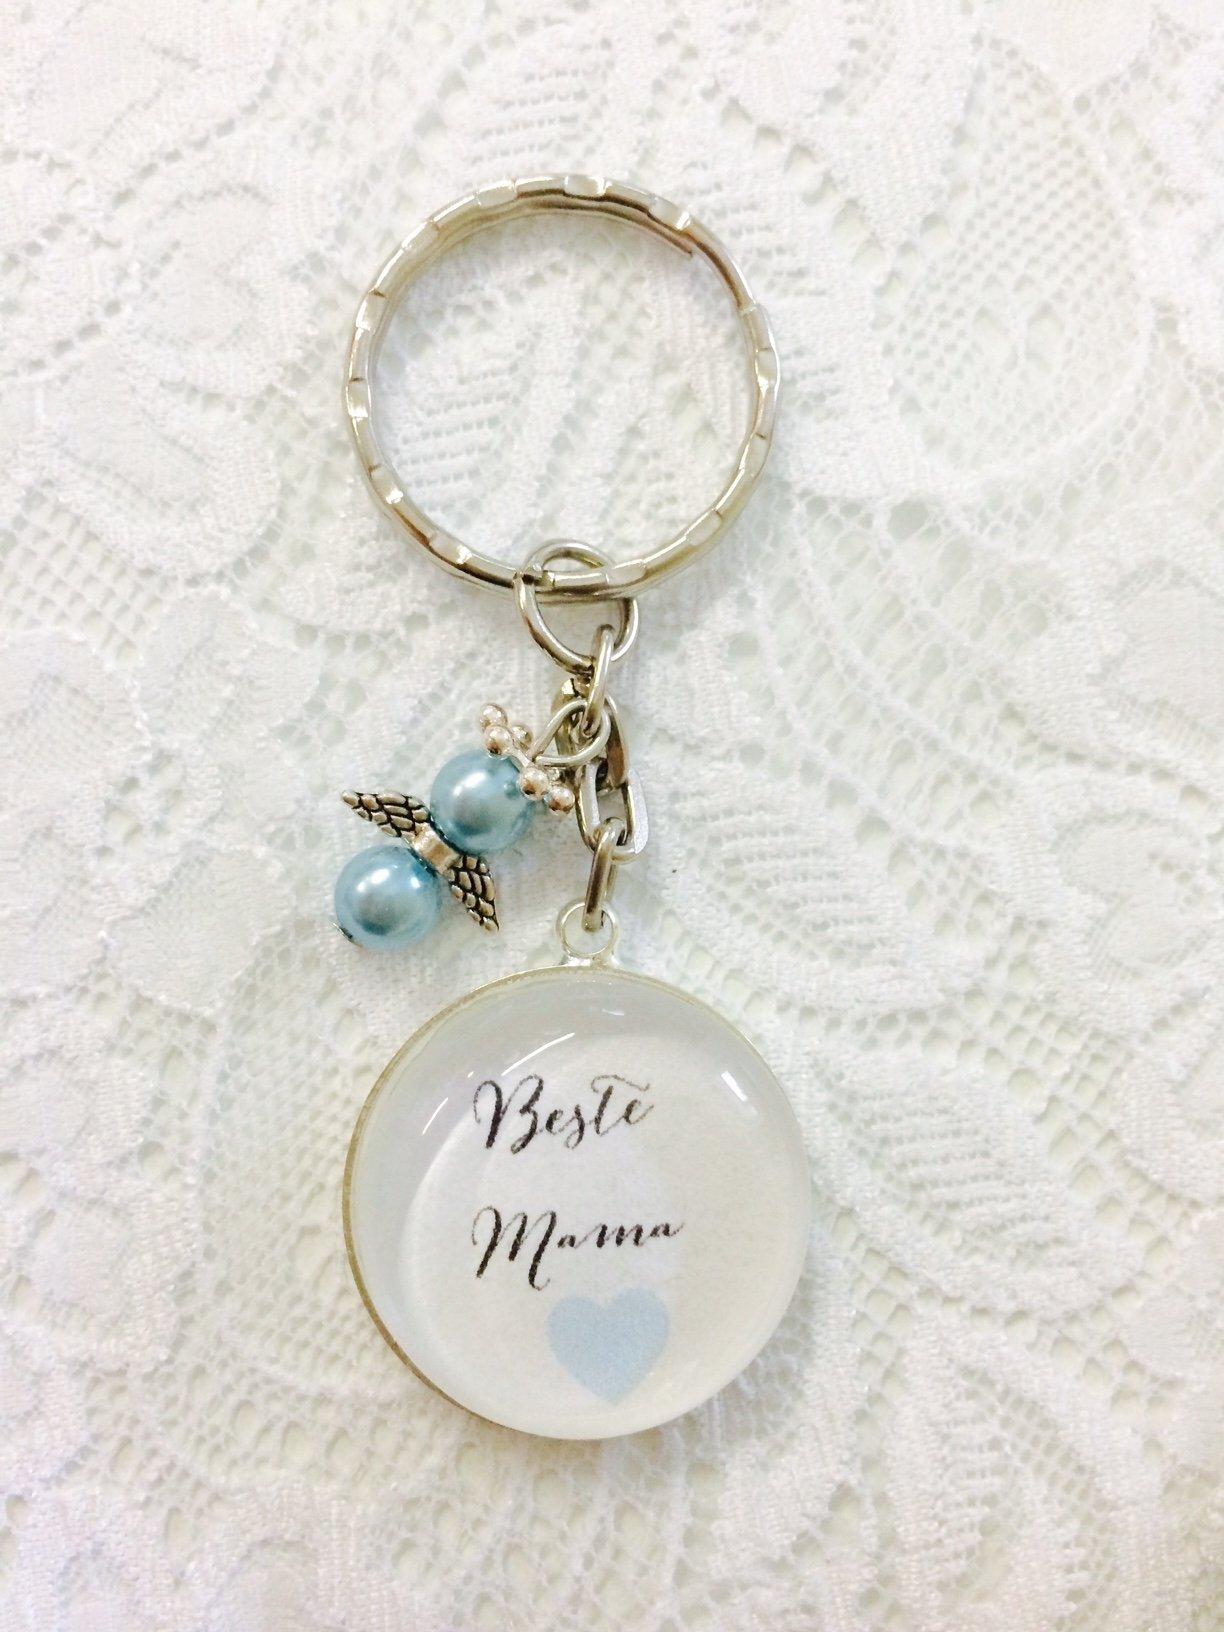 Handgemachter Cabochon Schlüsselanhänger Beste Mama, mit Schutzengel, Weihnachten, Muttertag, Geburtstag (blau)